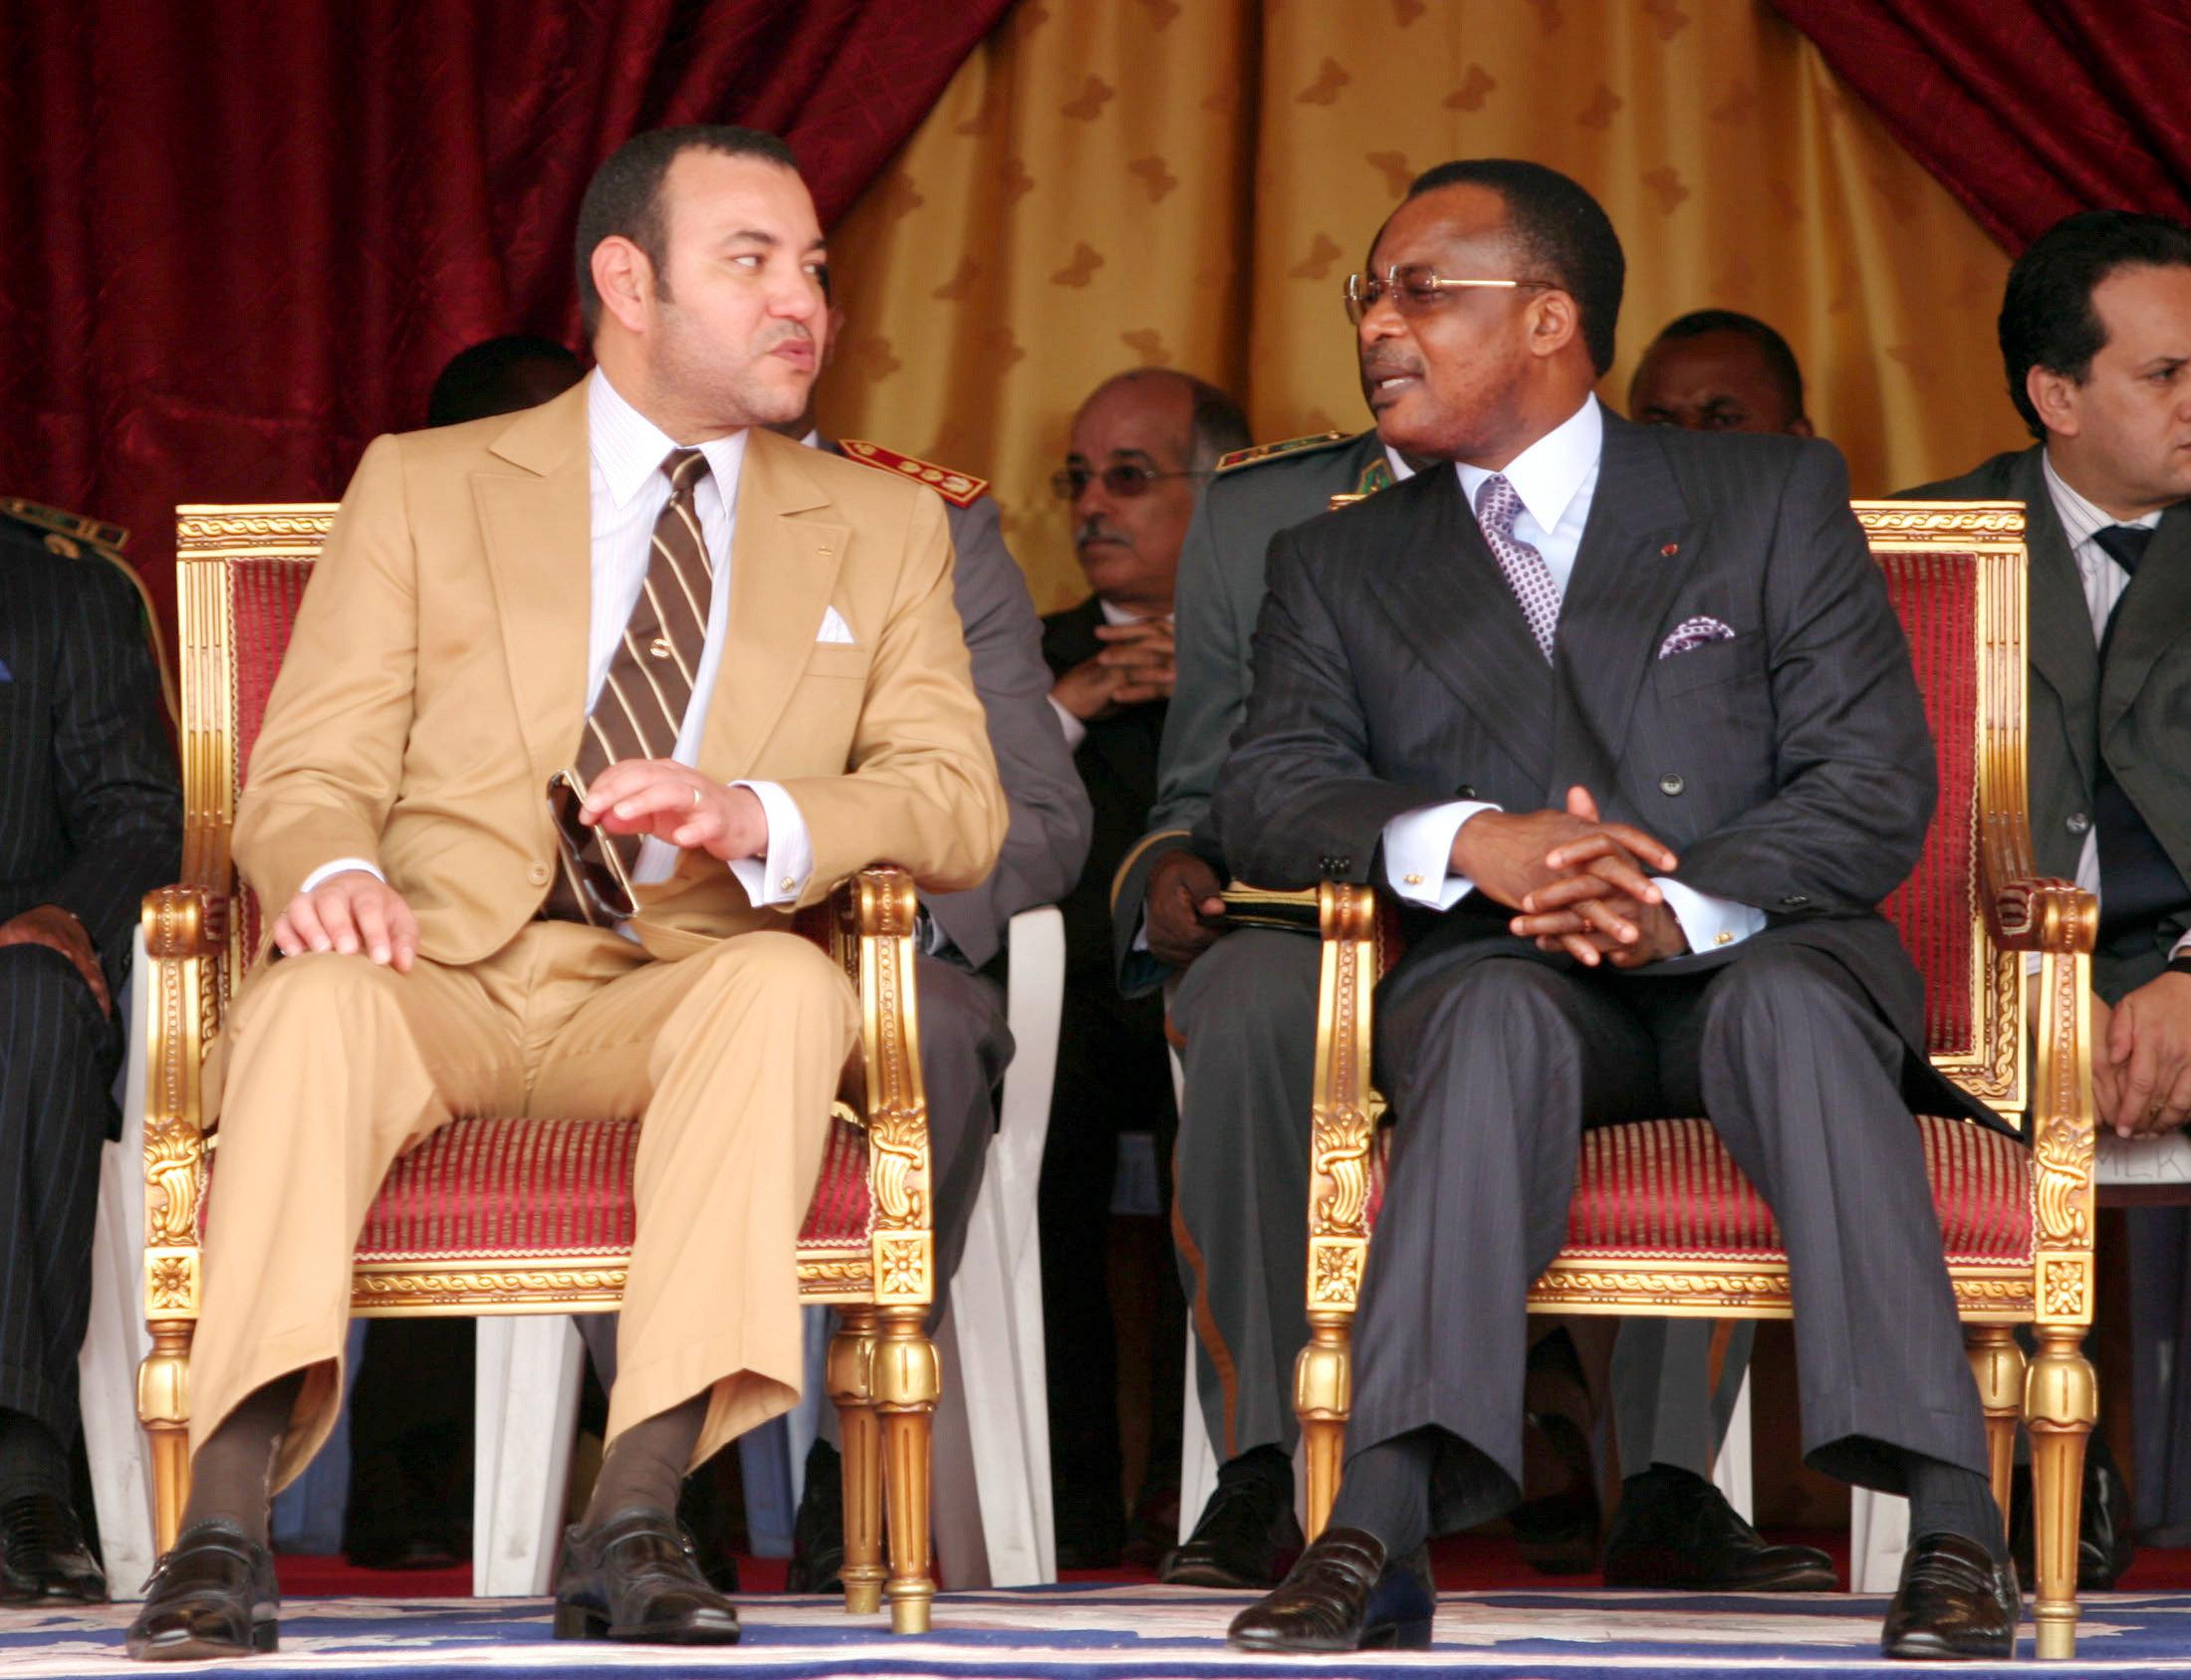 Le roi Mohammed VI attendu au Congo ce week-end pour signer une série